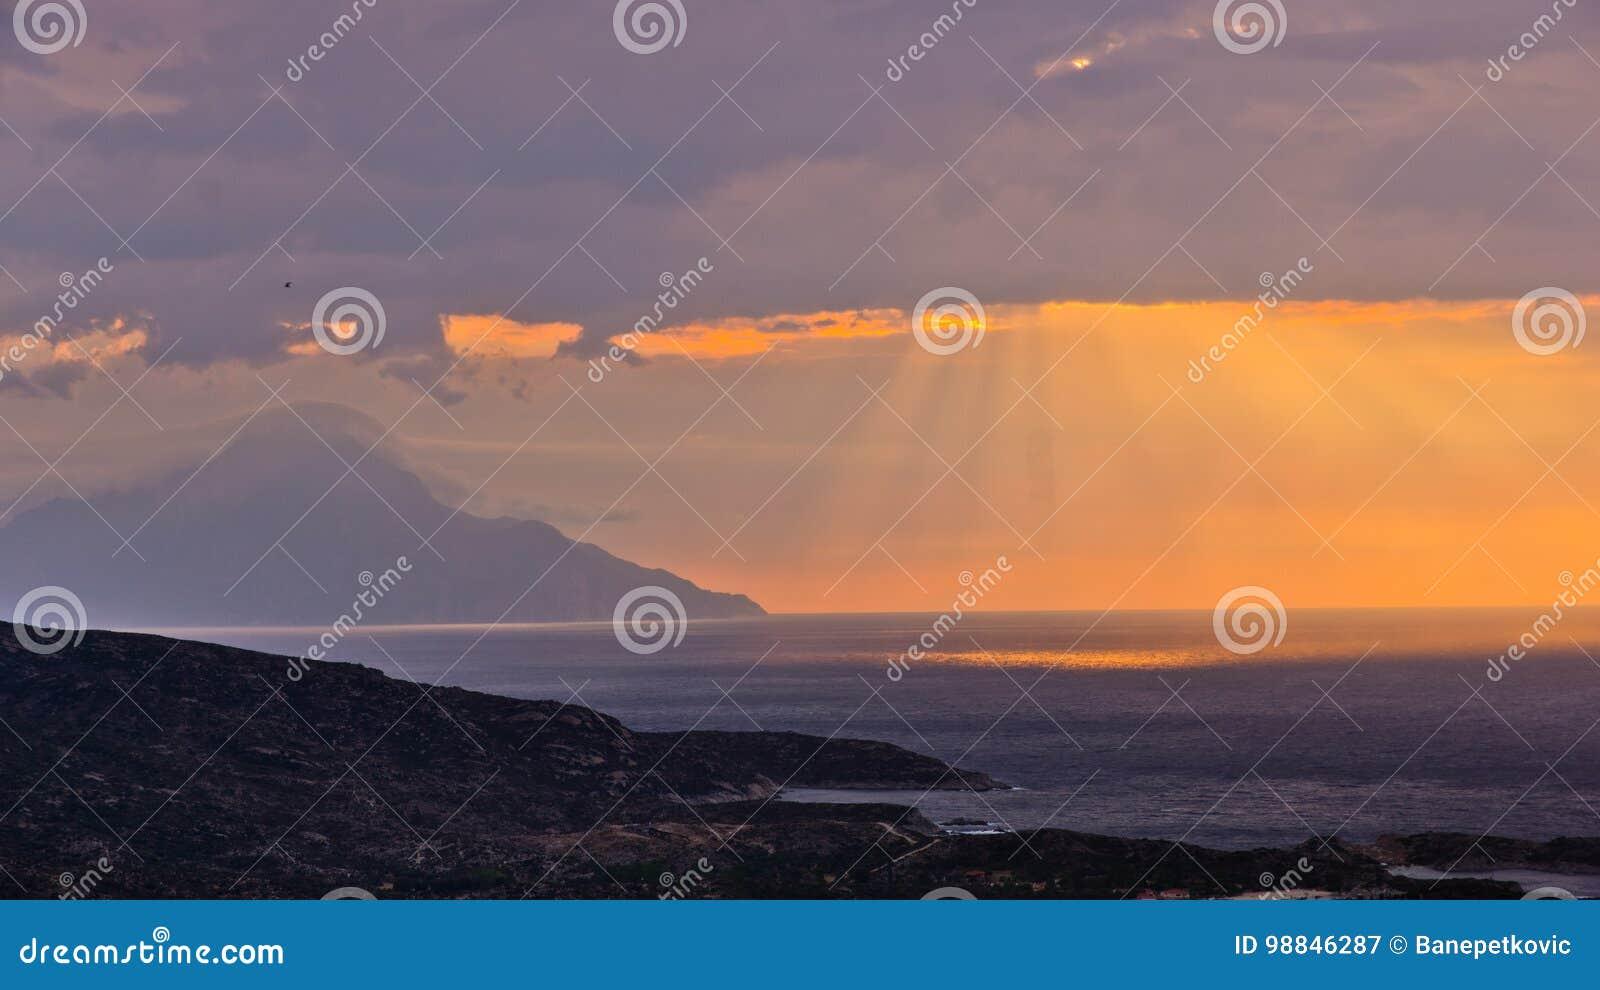 Stürmischer Himmel und Sonnenaufgang am heiligen Berg Athos